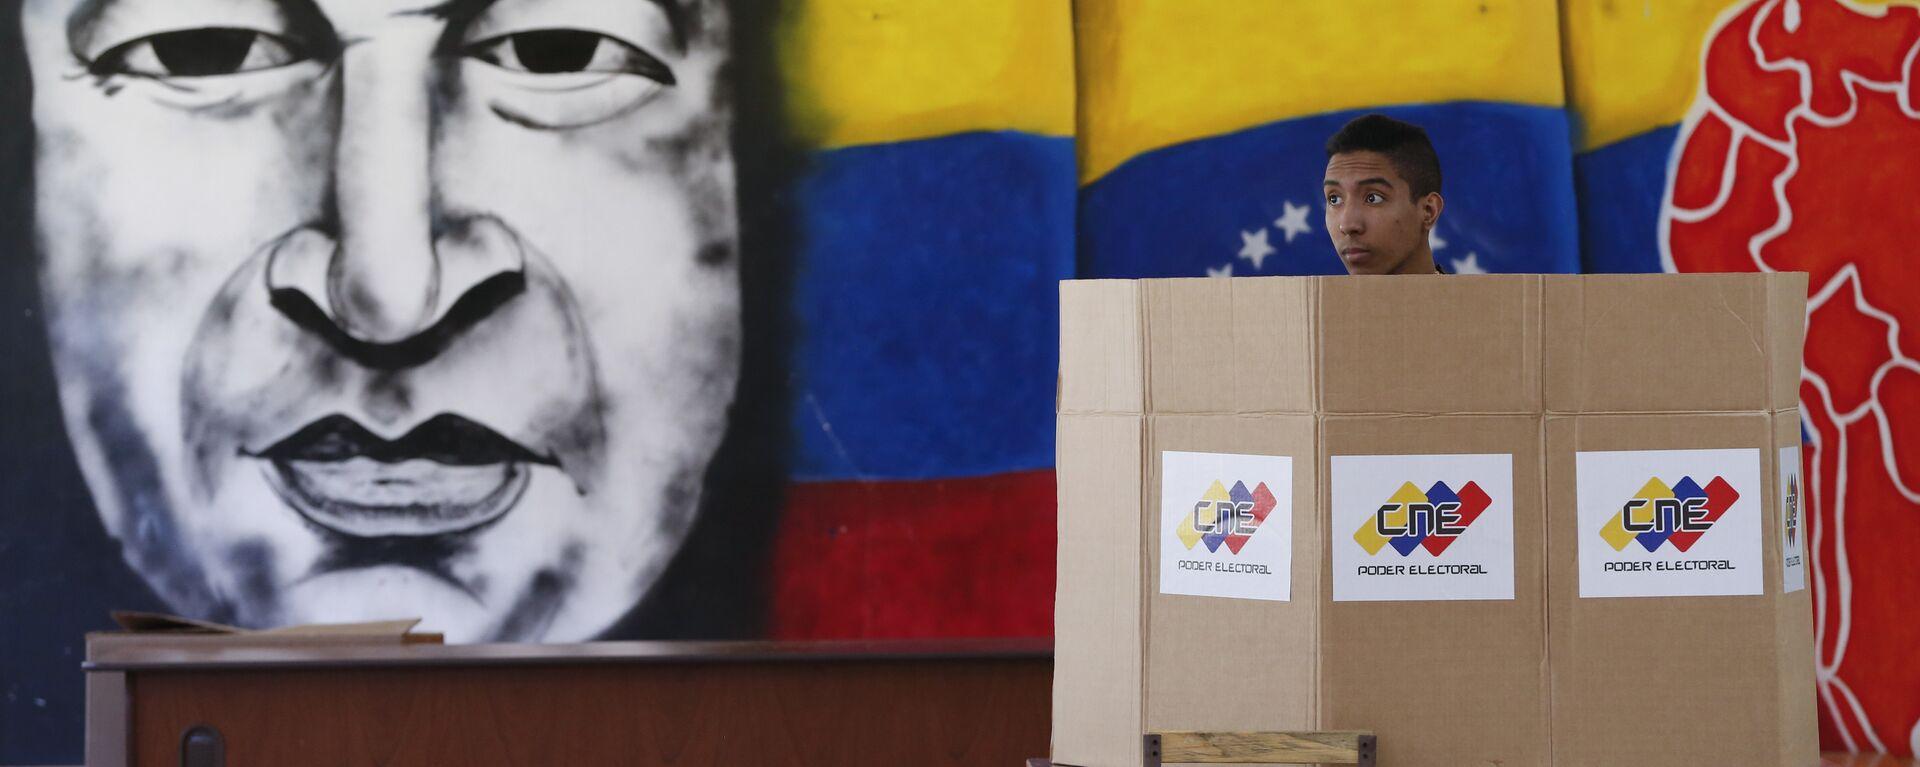 Elecciones en Venezuela - Sputnik Mundo, 1920, 05.10.2021